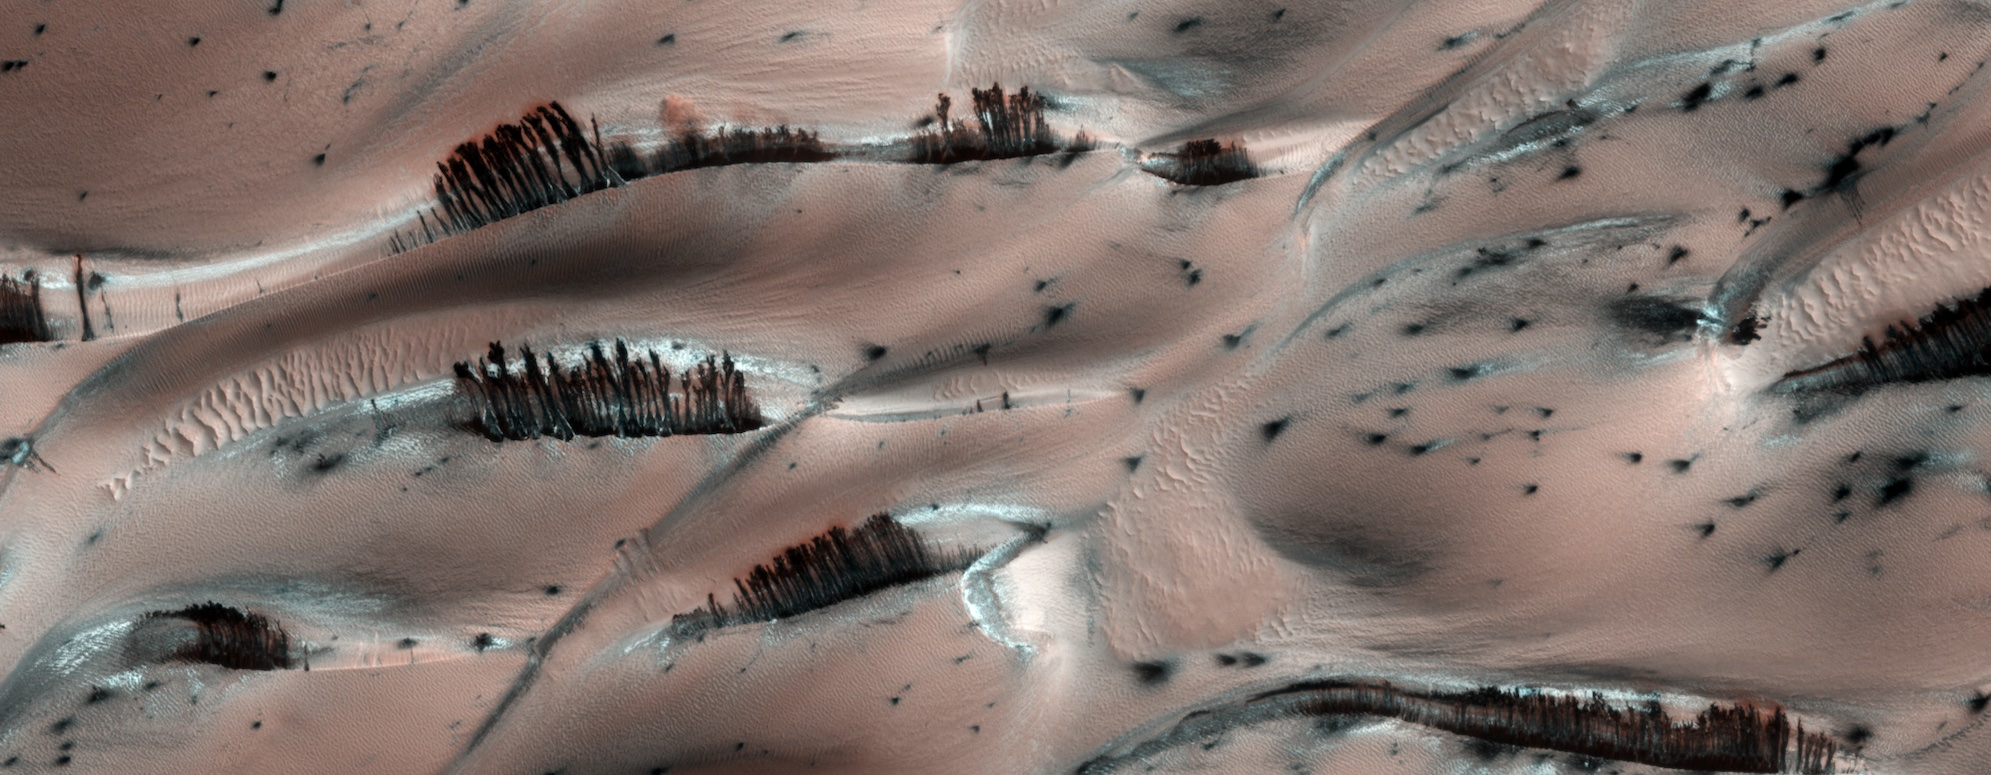 Πλανήτης Άρης – Νέες Αποστολές για την Επιστροφή Πετρωμάτων, και για την Αναζήτηση Ιχνών πιθανής Ζωής